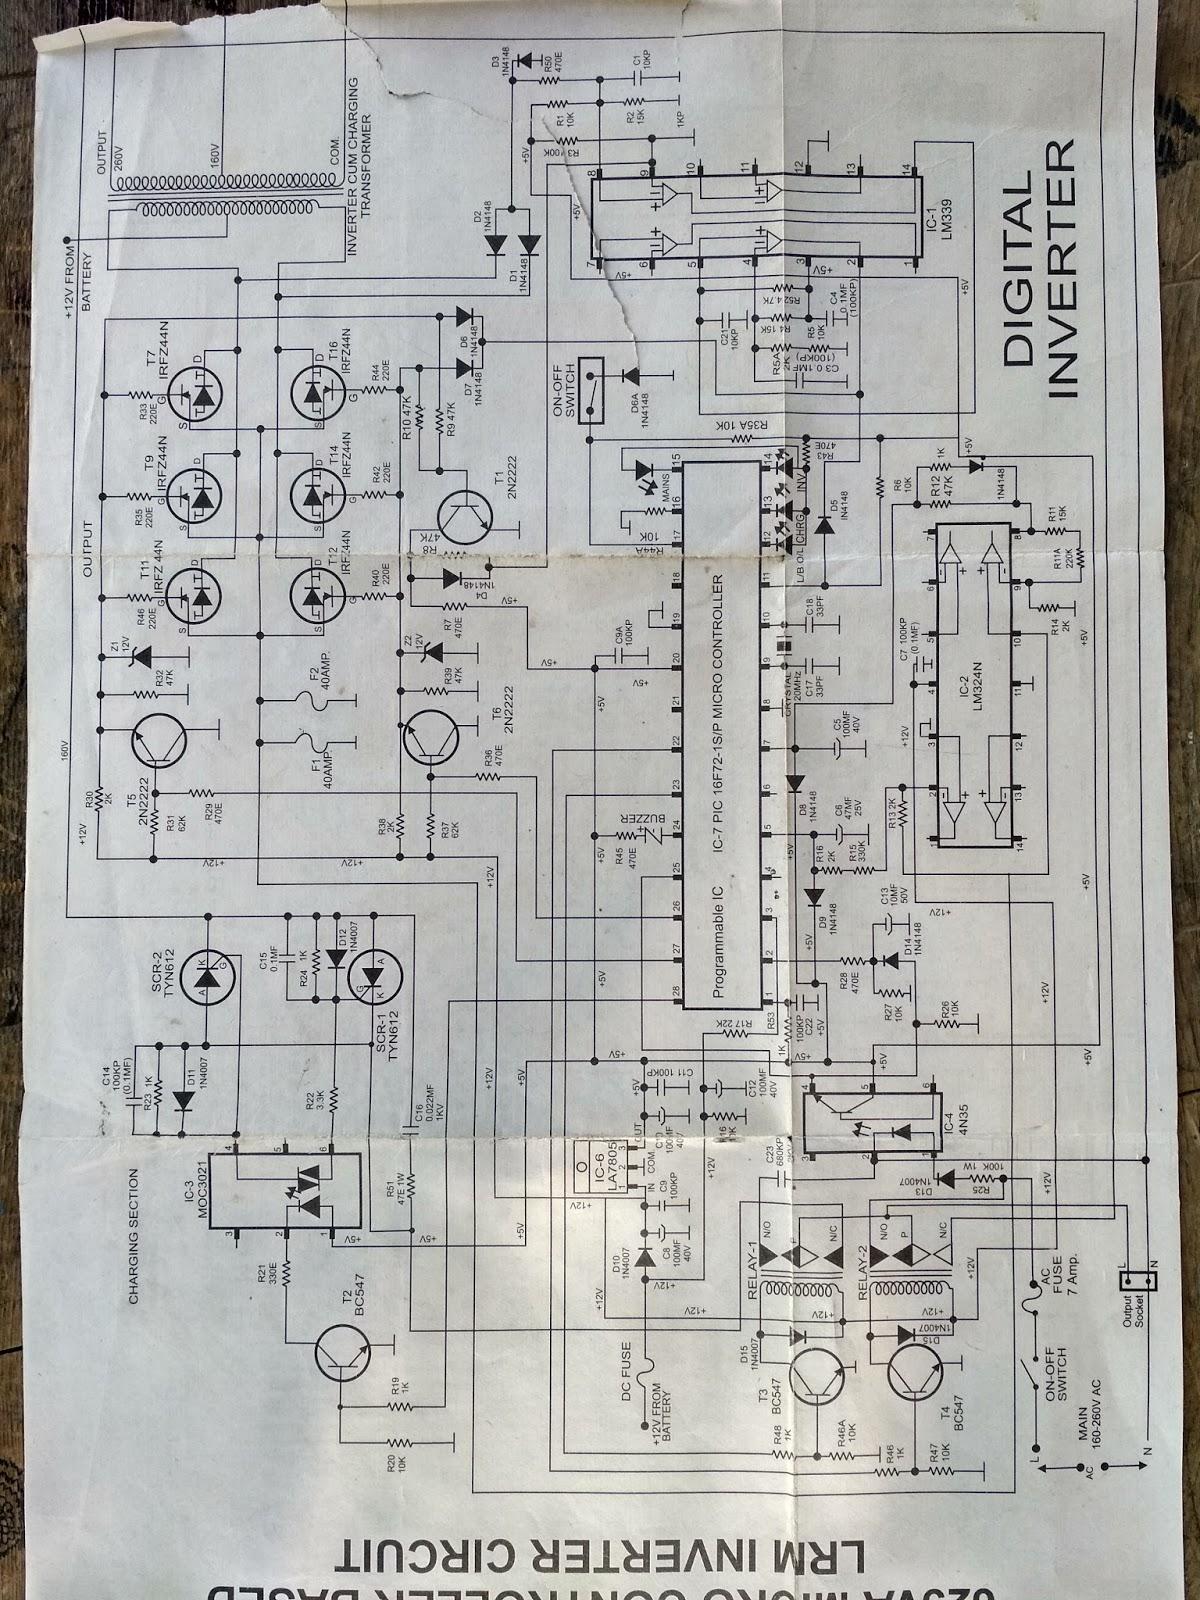 luminous old model inverter circuit diagram hd [ 1200 x 1600 Pixel ]